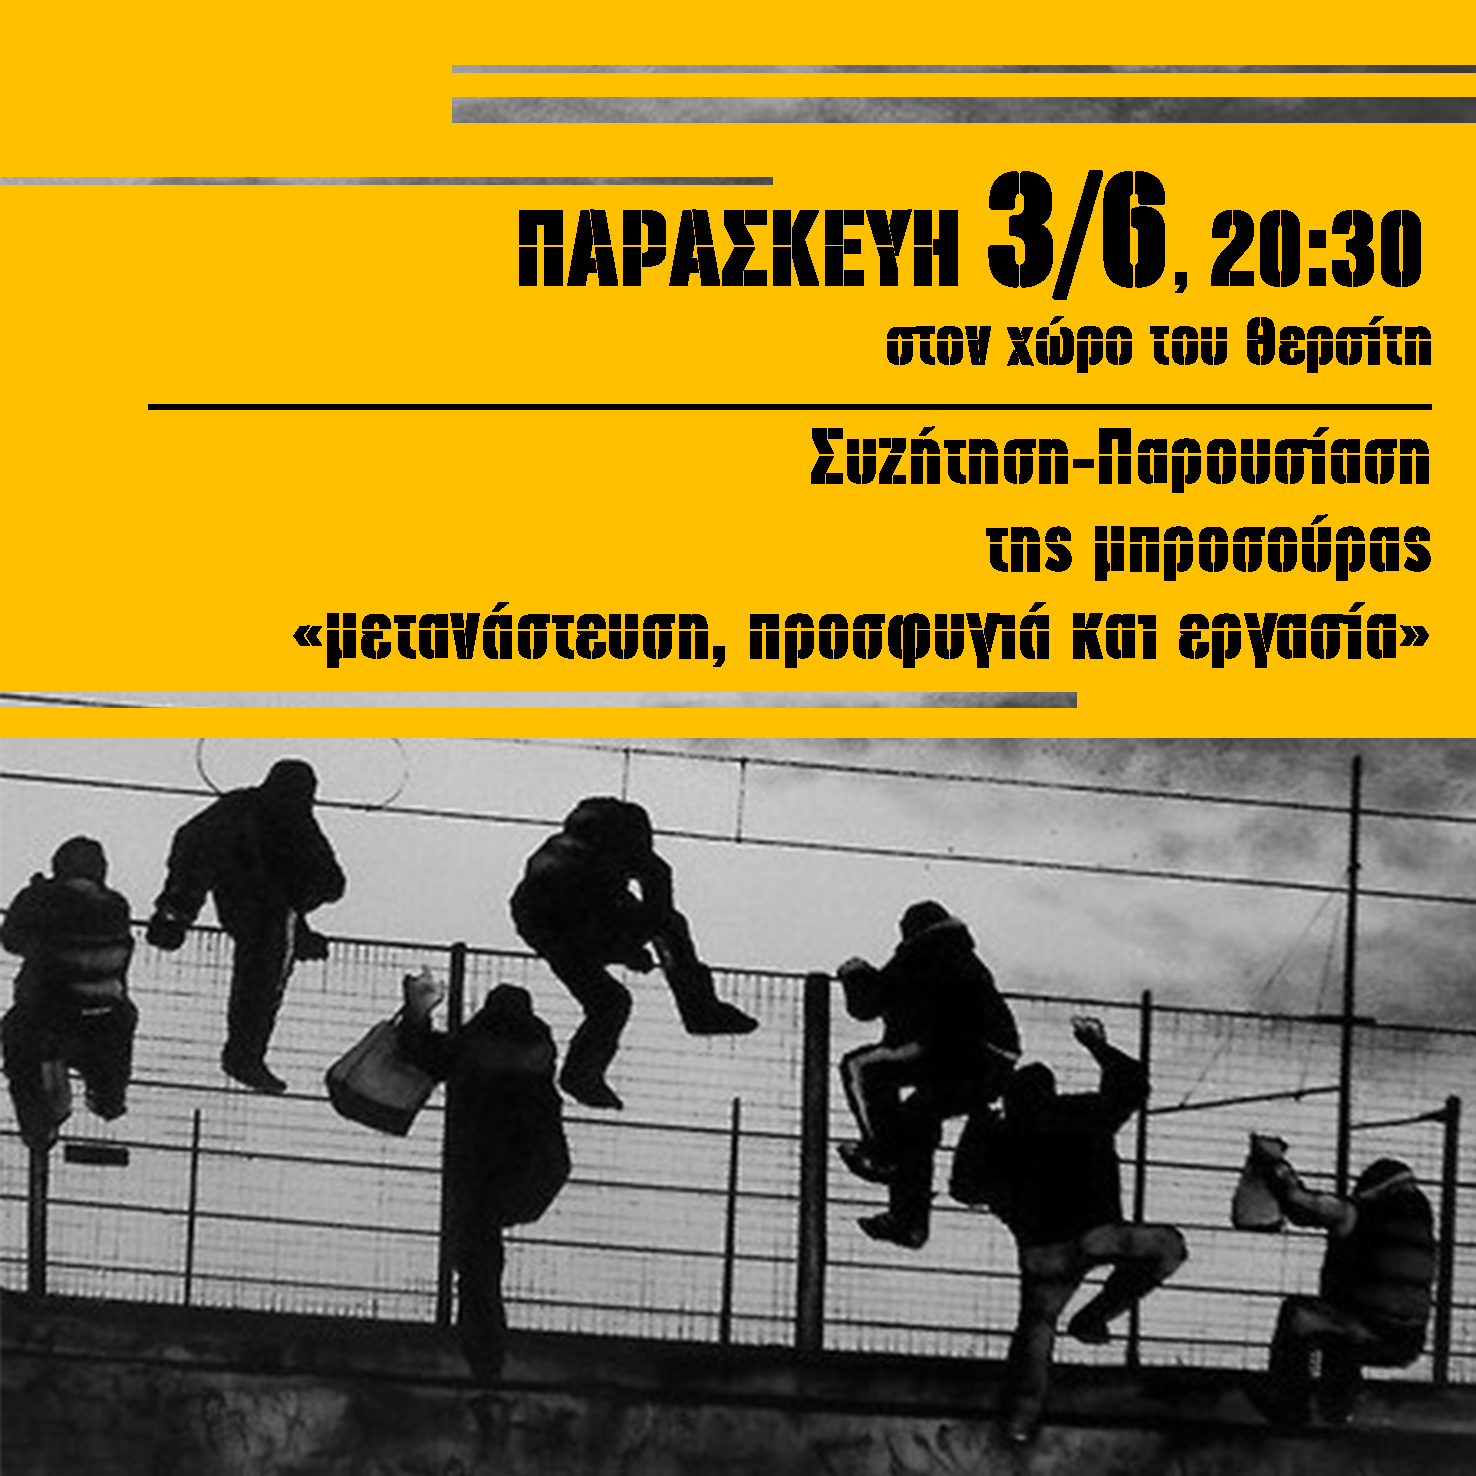 Συζητηση-Παρουσίαση  της μπροσούρας  «μεταναστευση, προσφυγιά και εργασία» την Παρασκευή 3/6